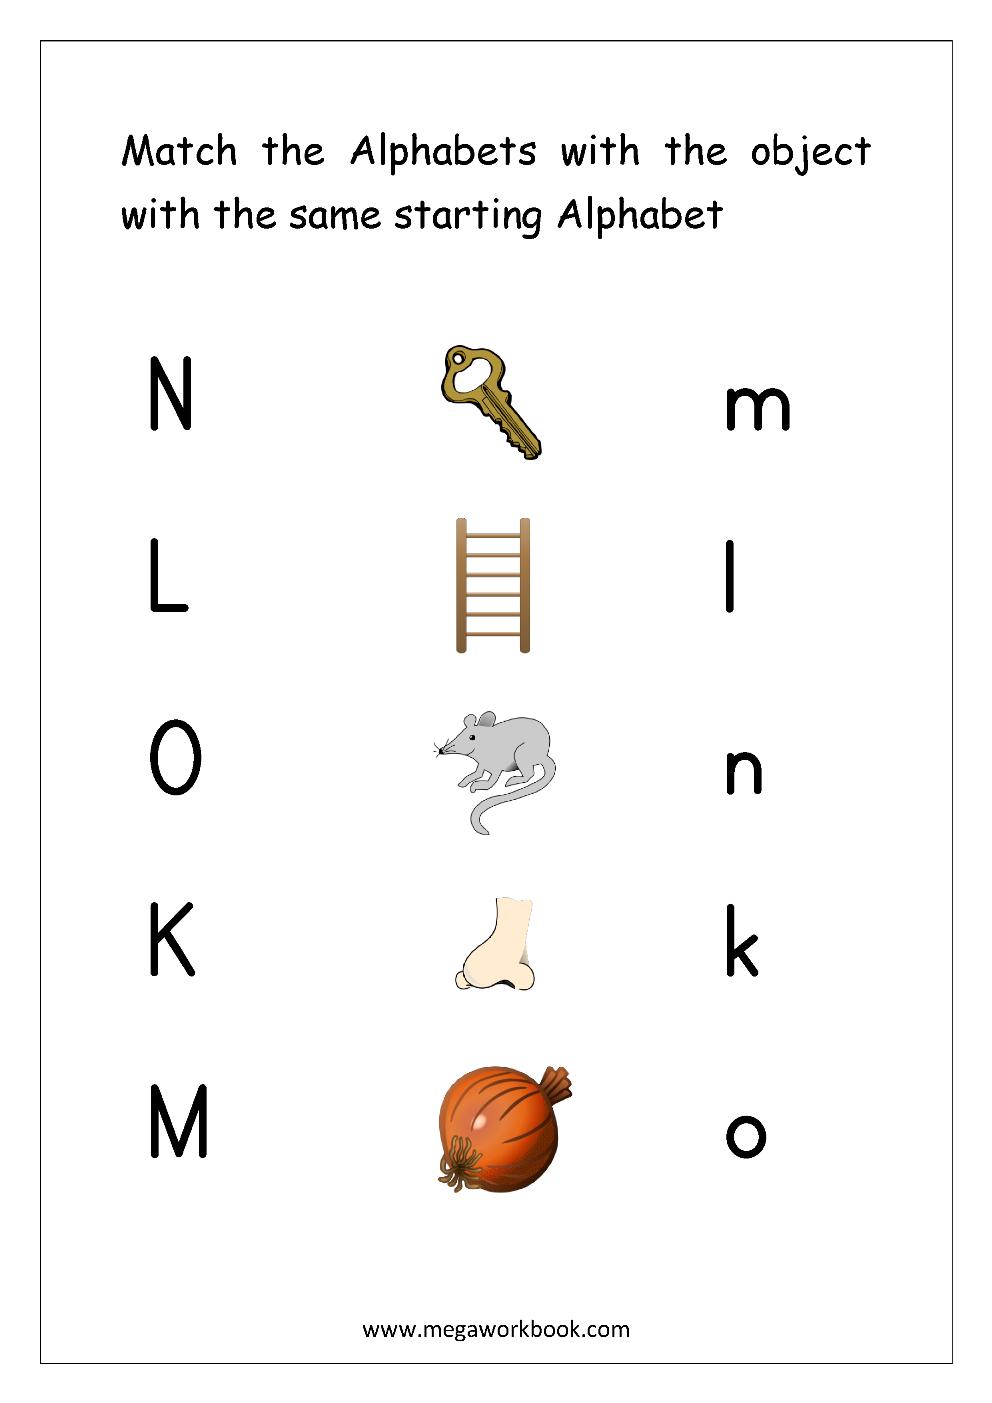 Free English Worksheets - Alphabet Matching - Megaworkbook within Alphabet Matching Worksheets For Kindergarten Pdf